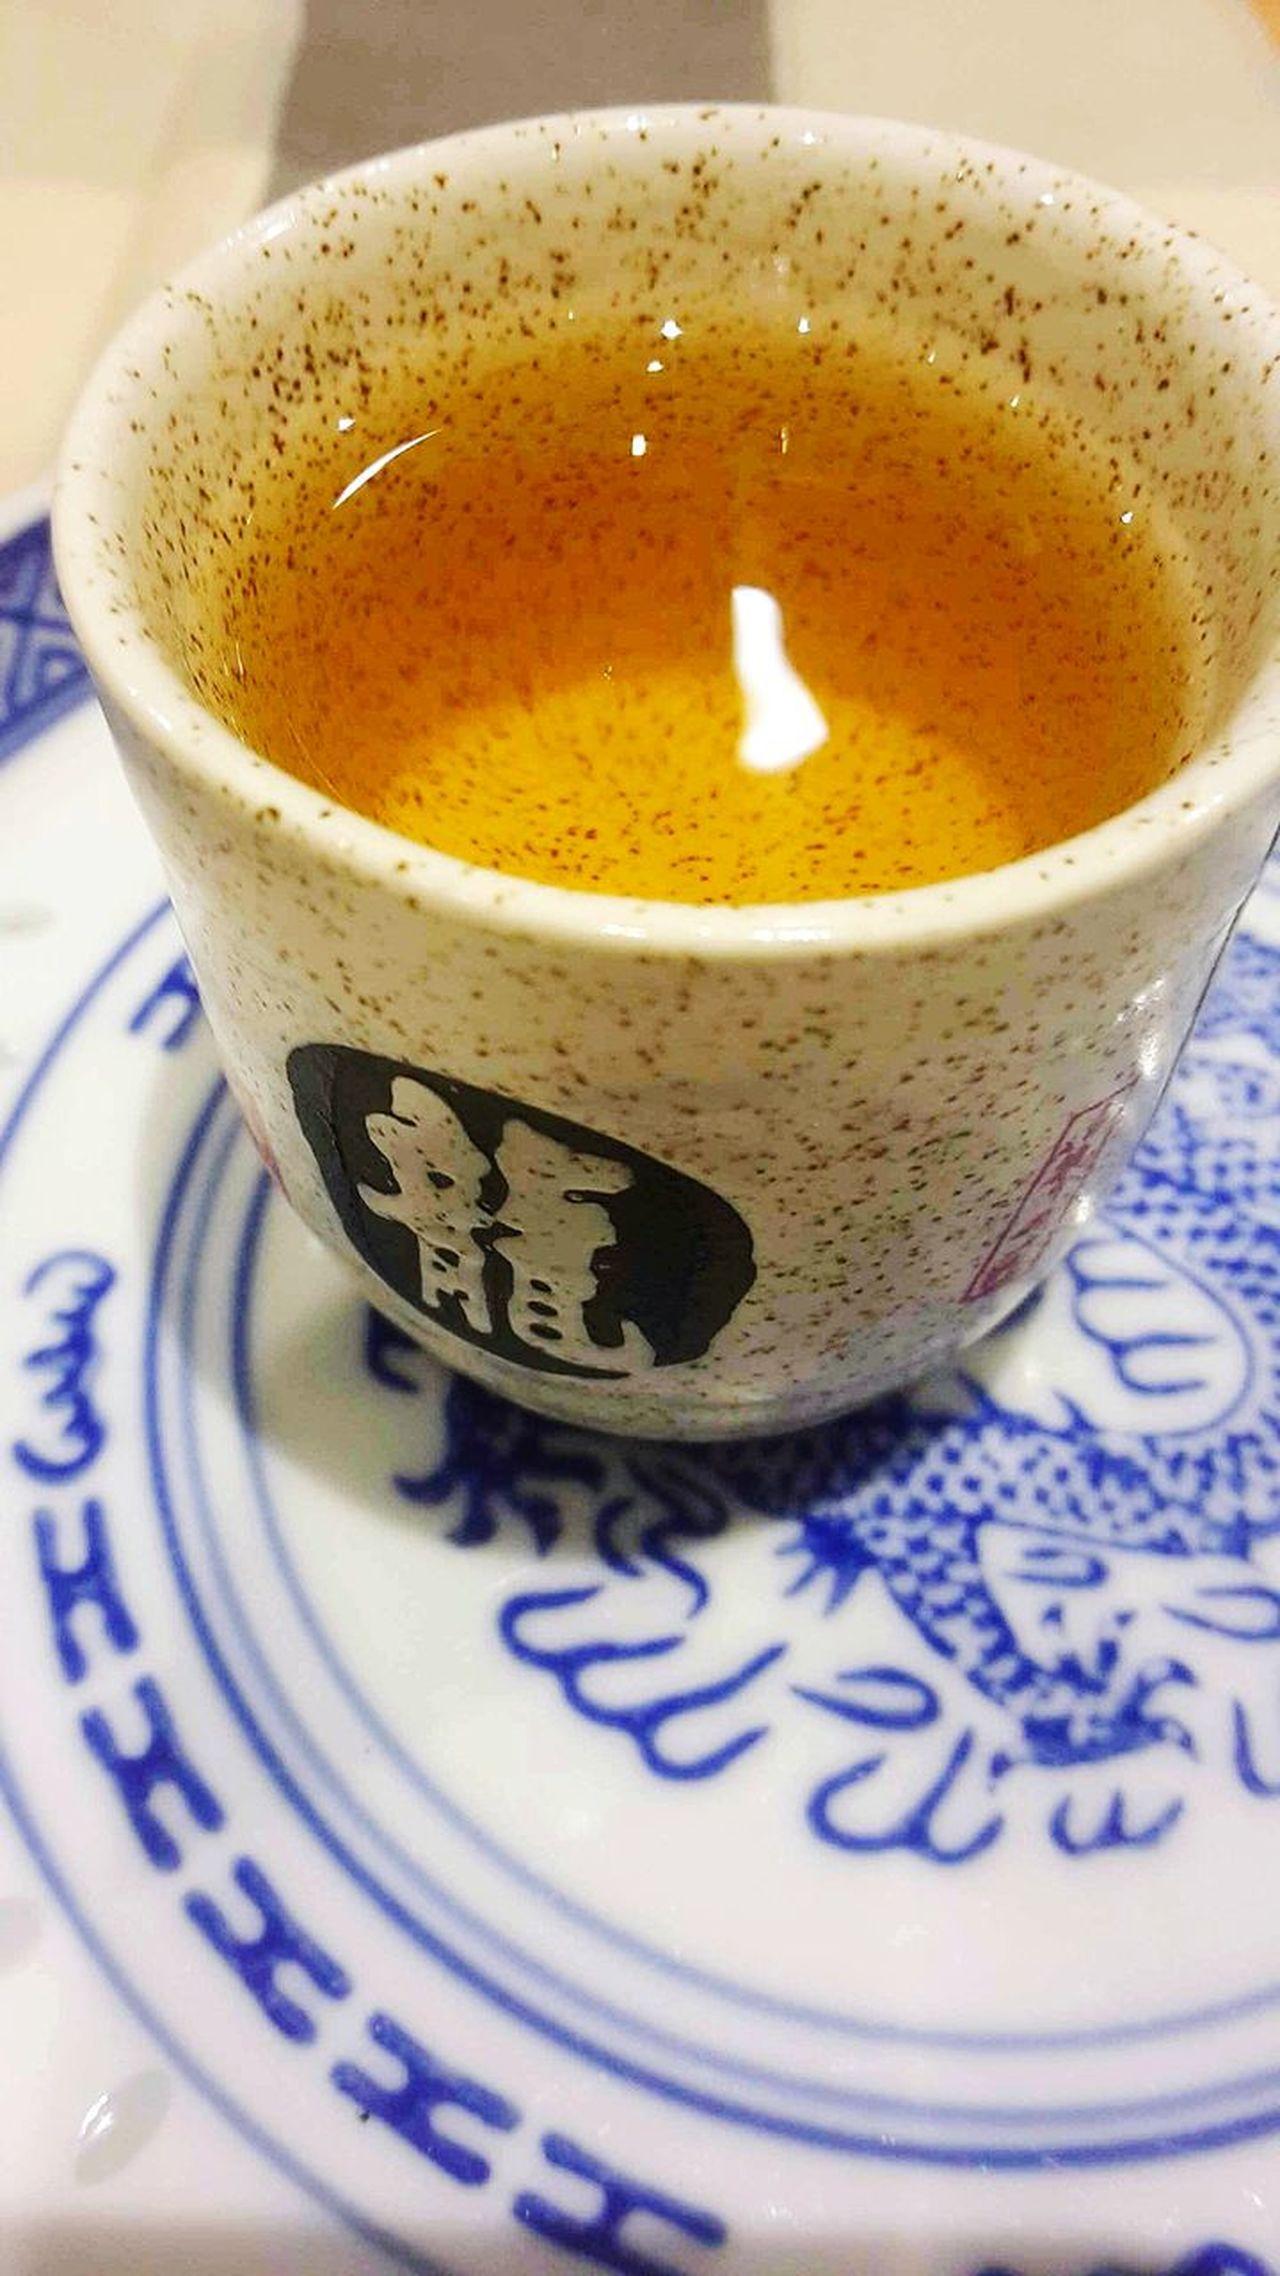 Food And Drink Close-up No People Sake Sake Time Ginseng Sake Cups Sake Cup Saketime Sake Bar Ginseng Drinks Ginsenghoney Drink Drinking Drink Time Drinking! Drinking Time Drink Up Yellow Color Freshness